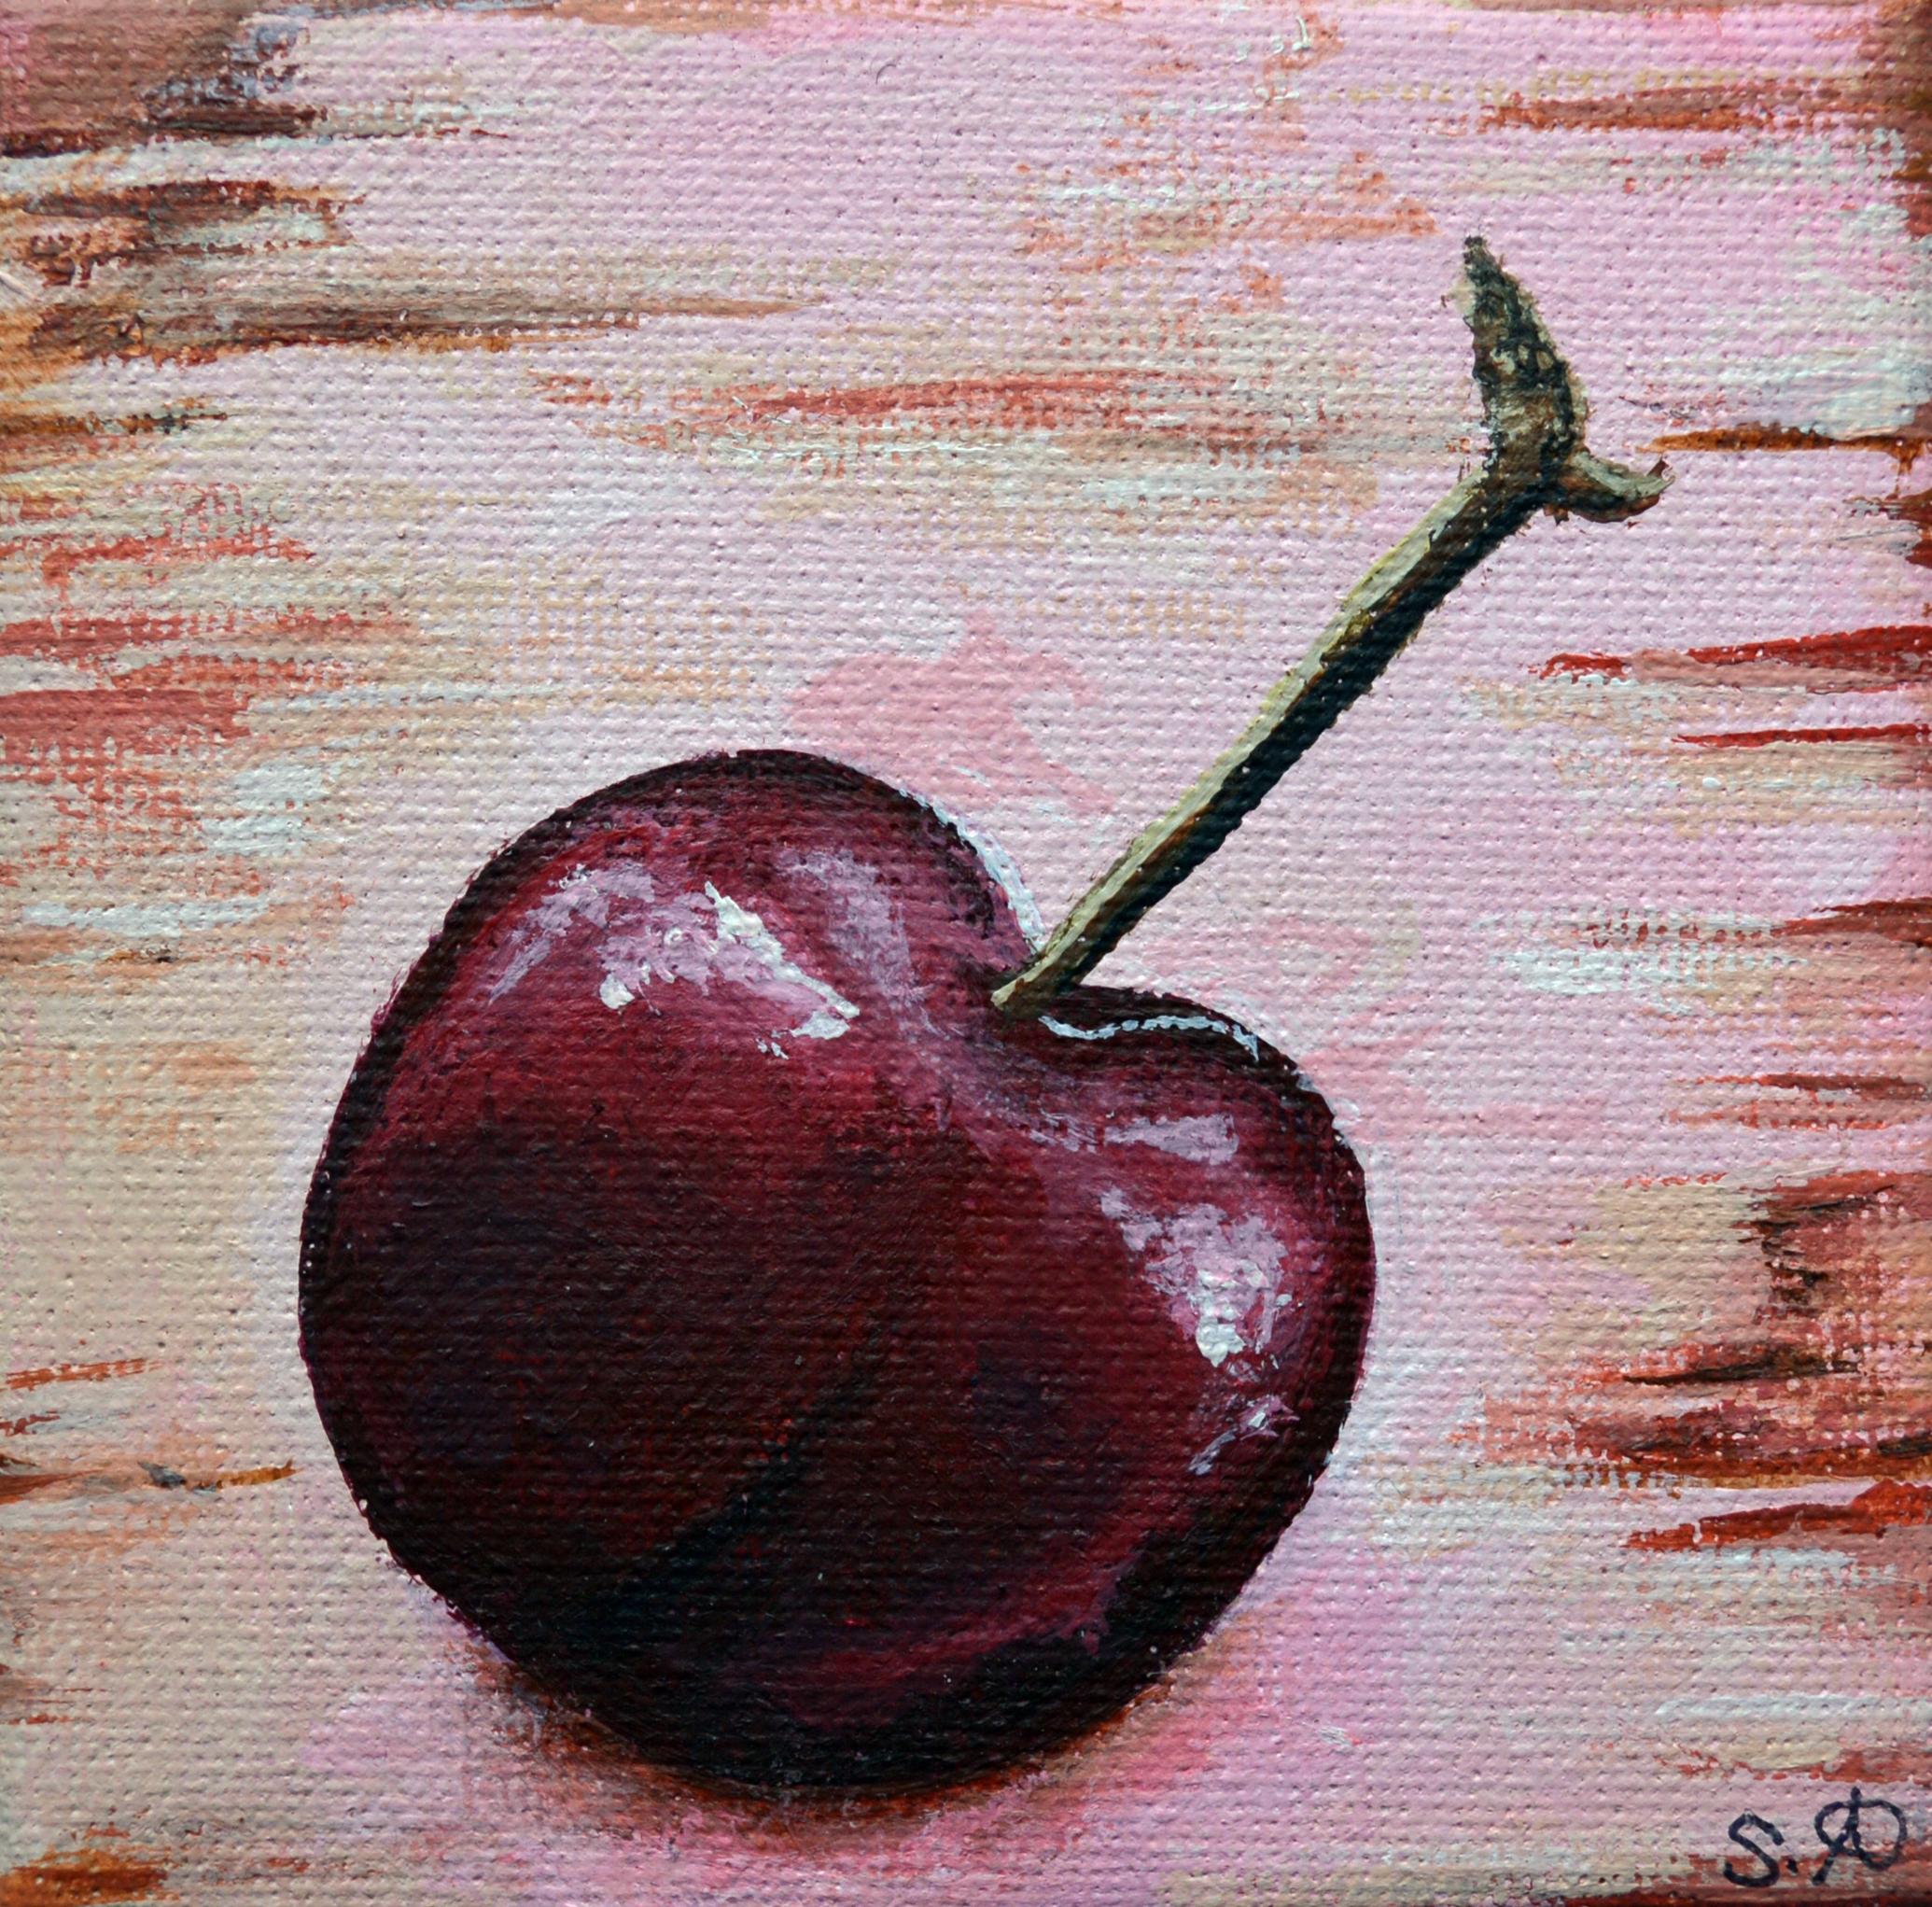 Summer Fruits: Pink Cherry